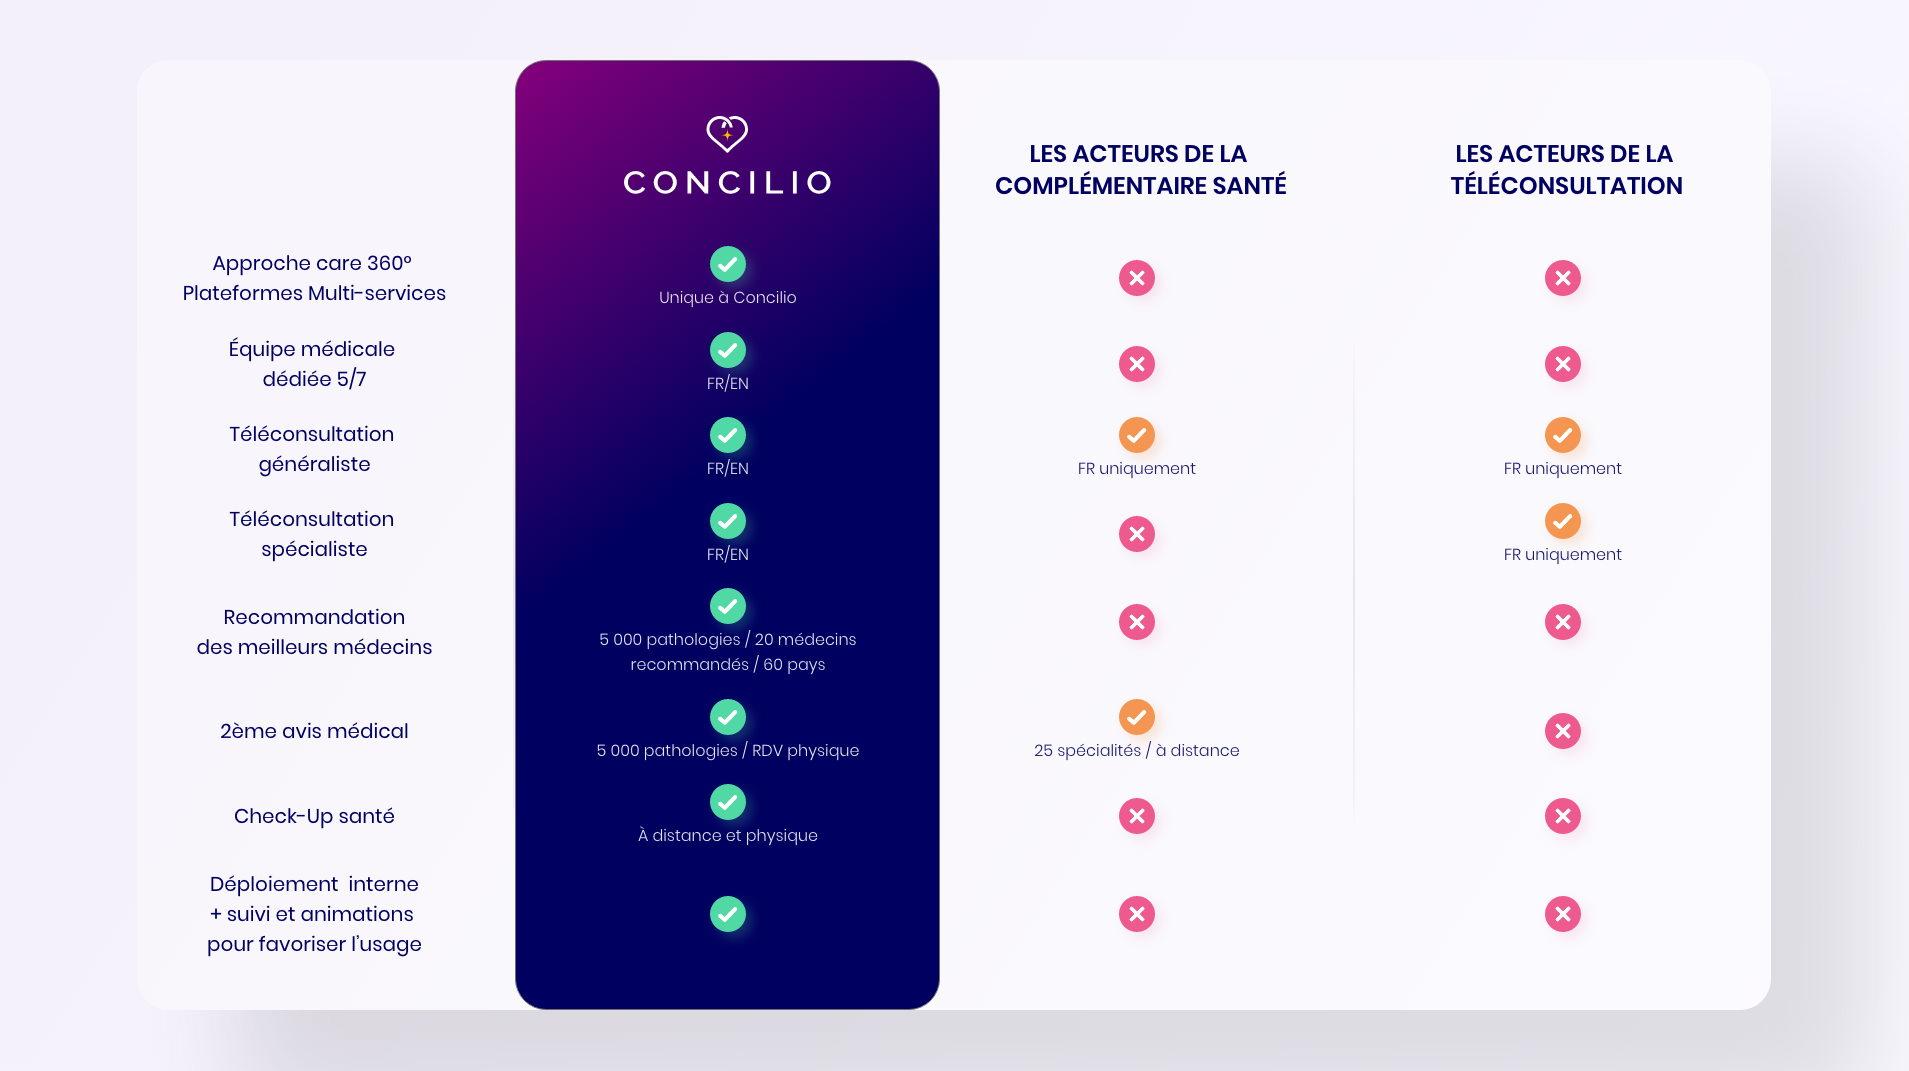 Les avantages de Concilio par rapport à ses concurrents